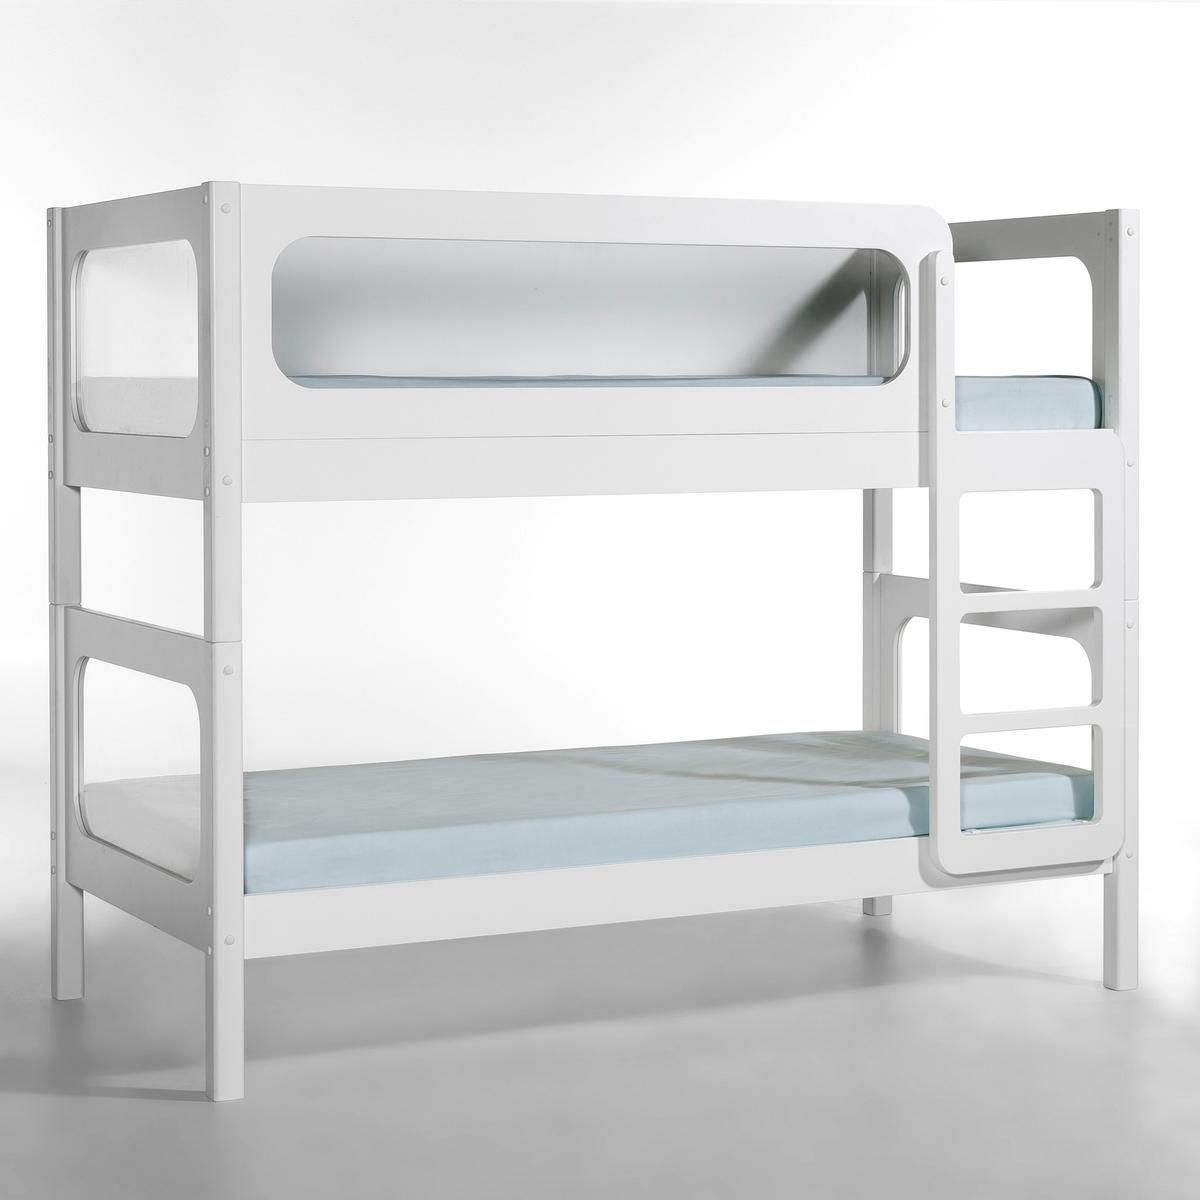 Кровать двухъярусная Pilha